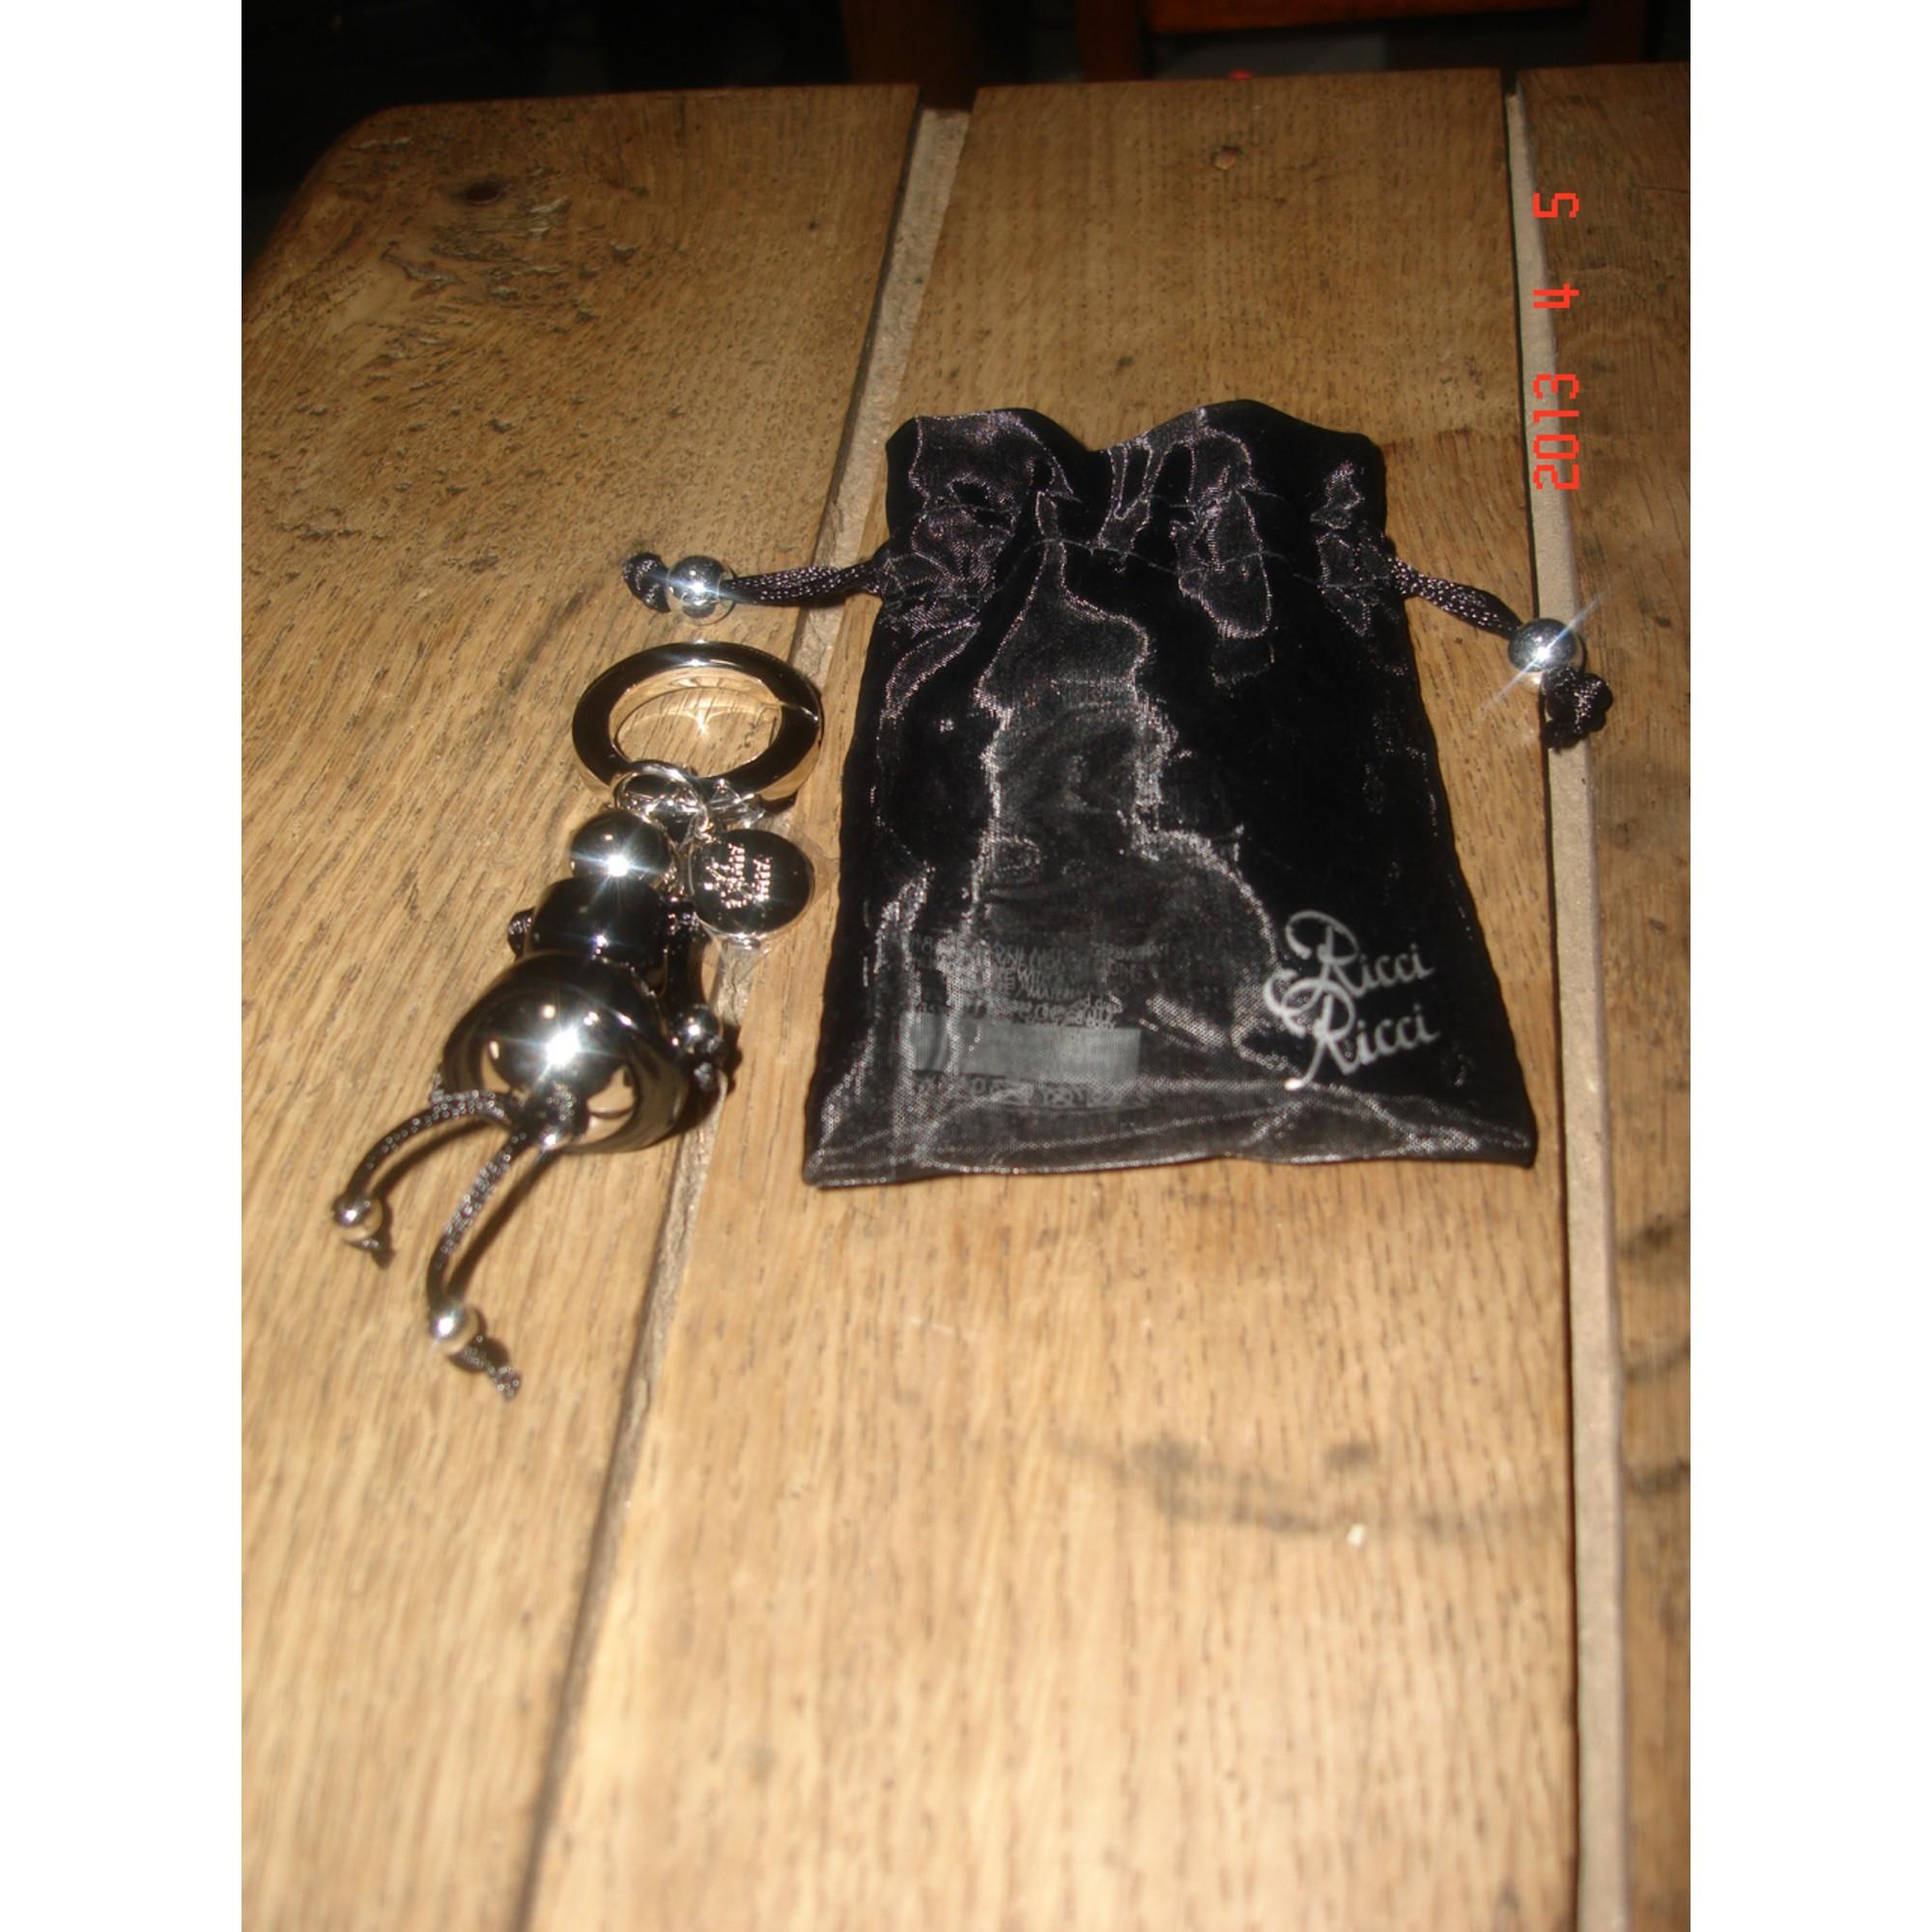 Porte-clés NINA RICCI noir vendu par Fred1362843 - 1258753 488d25a145a